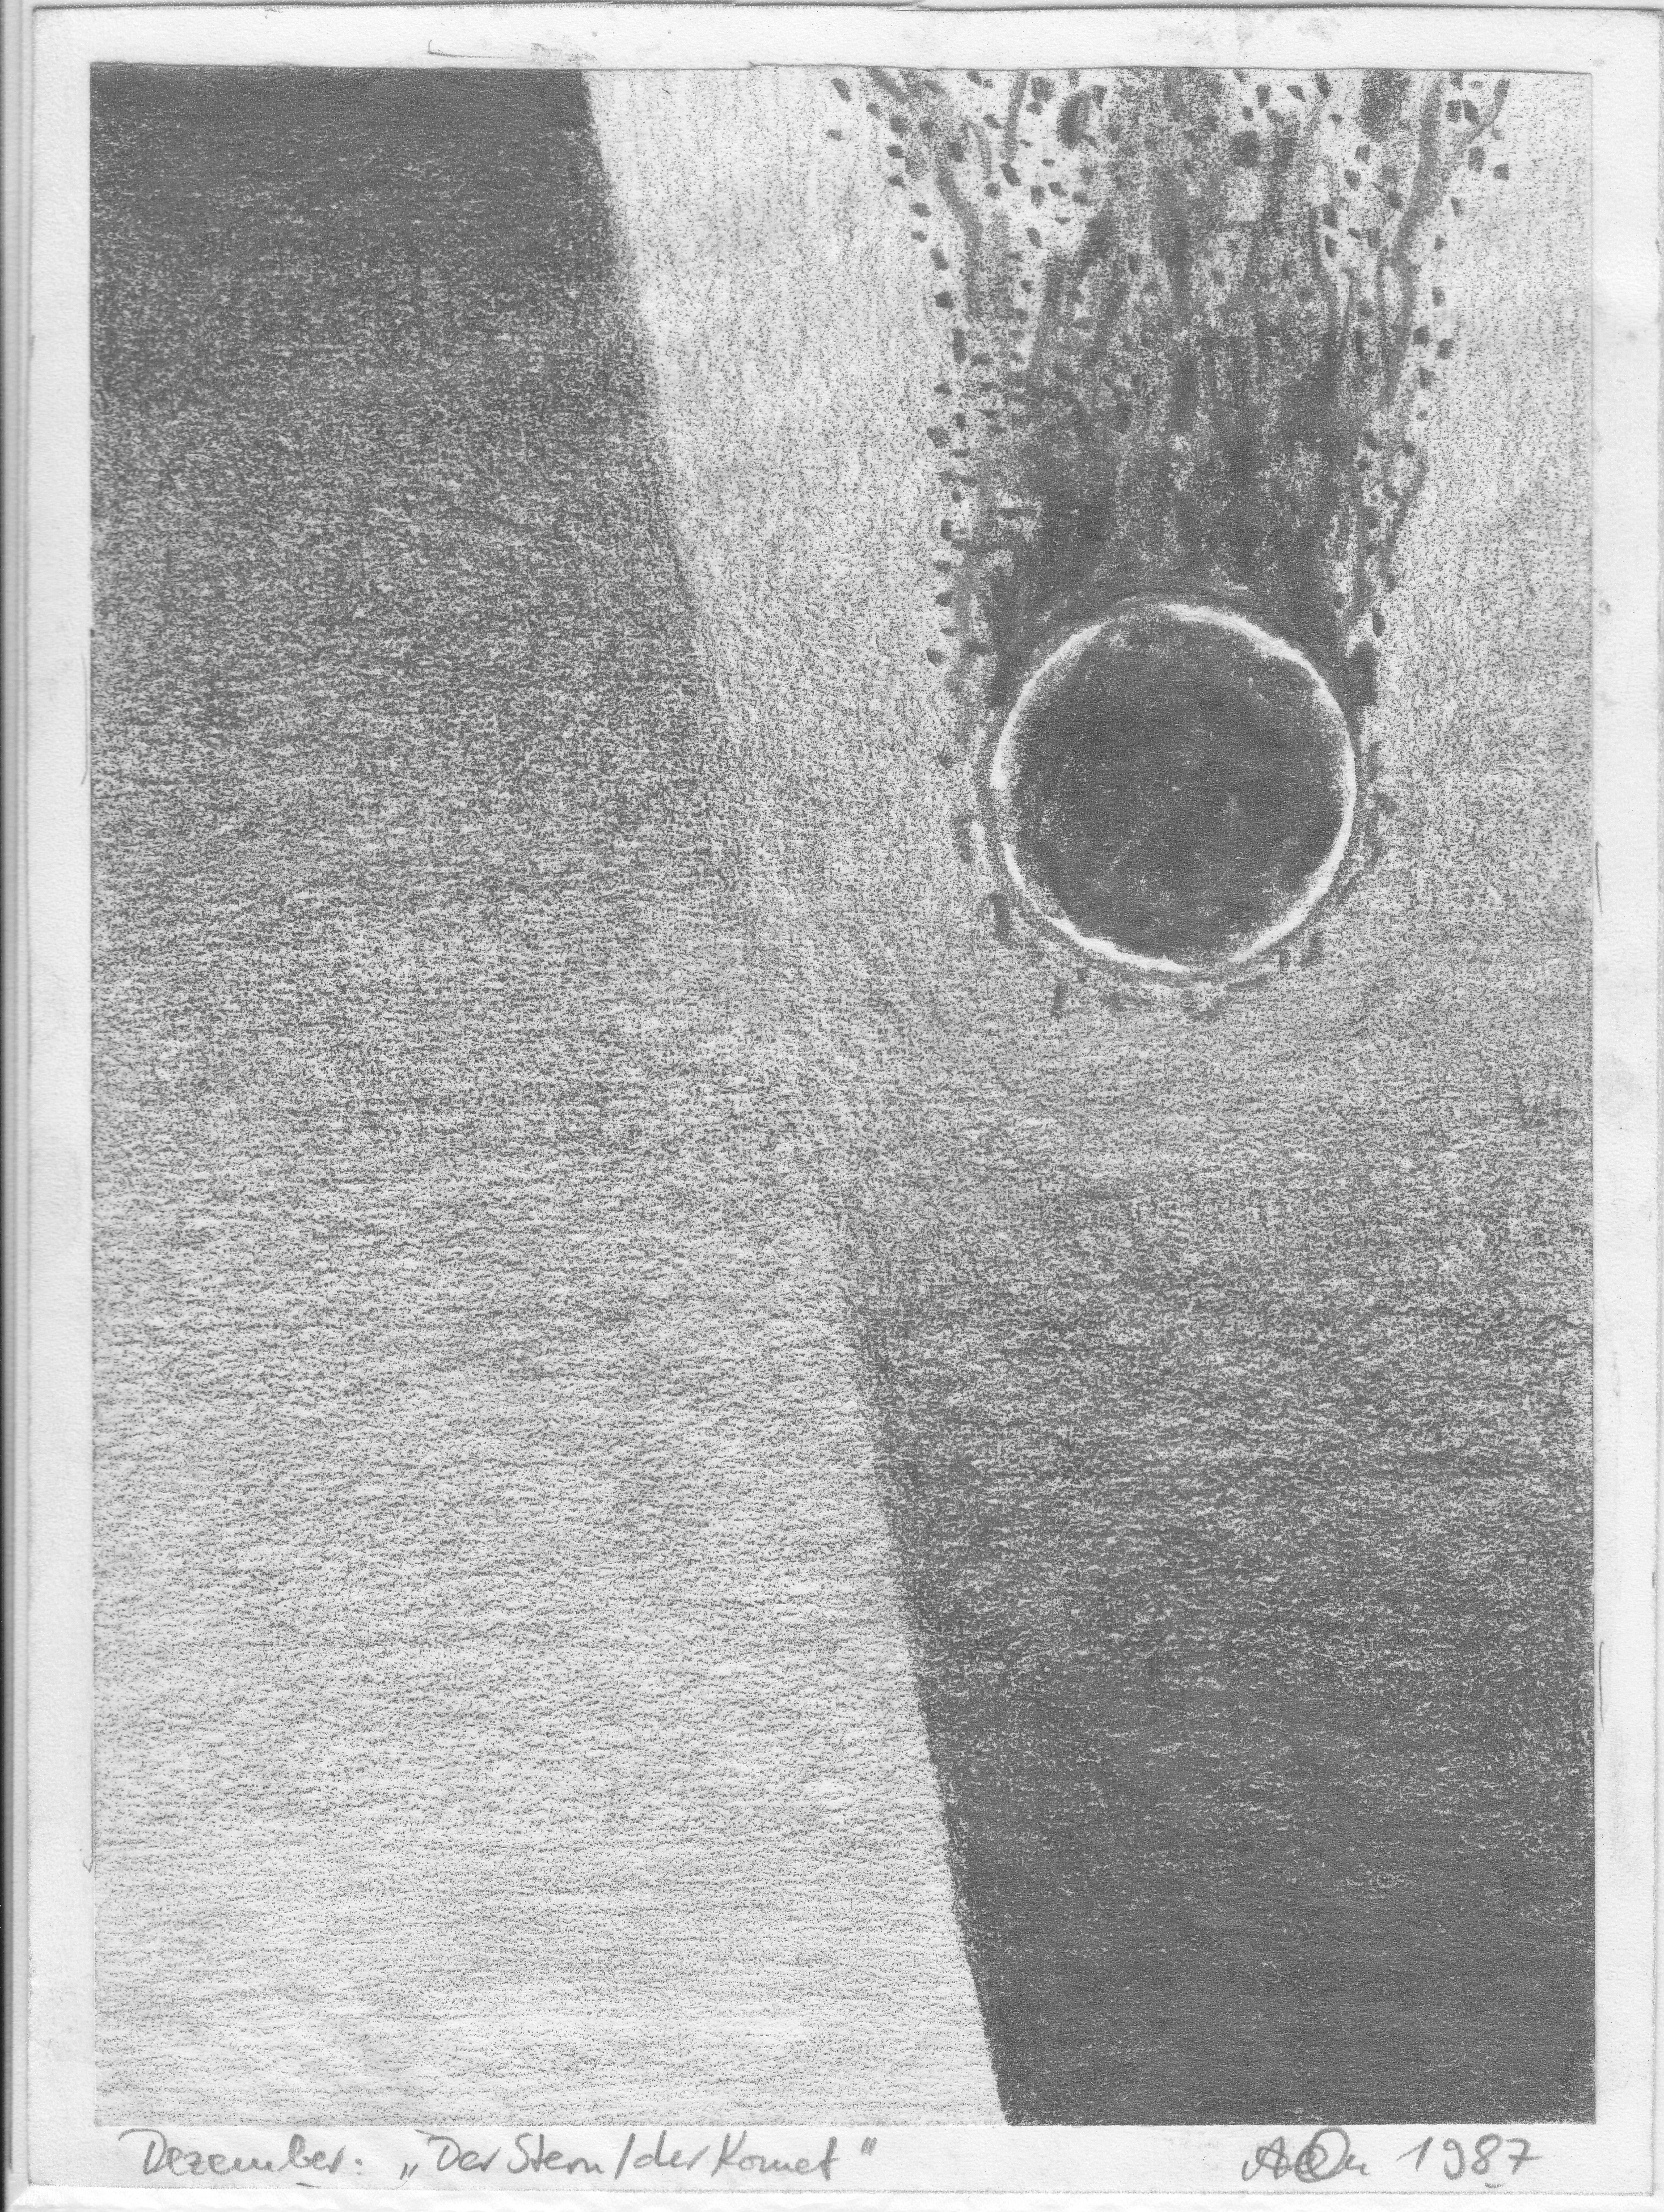 Der Komet; 1987; Graphit; imachd.